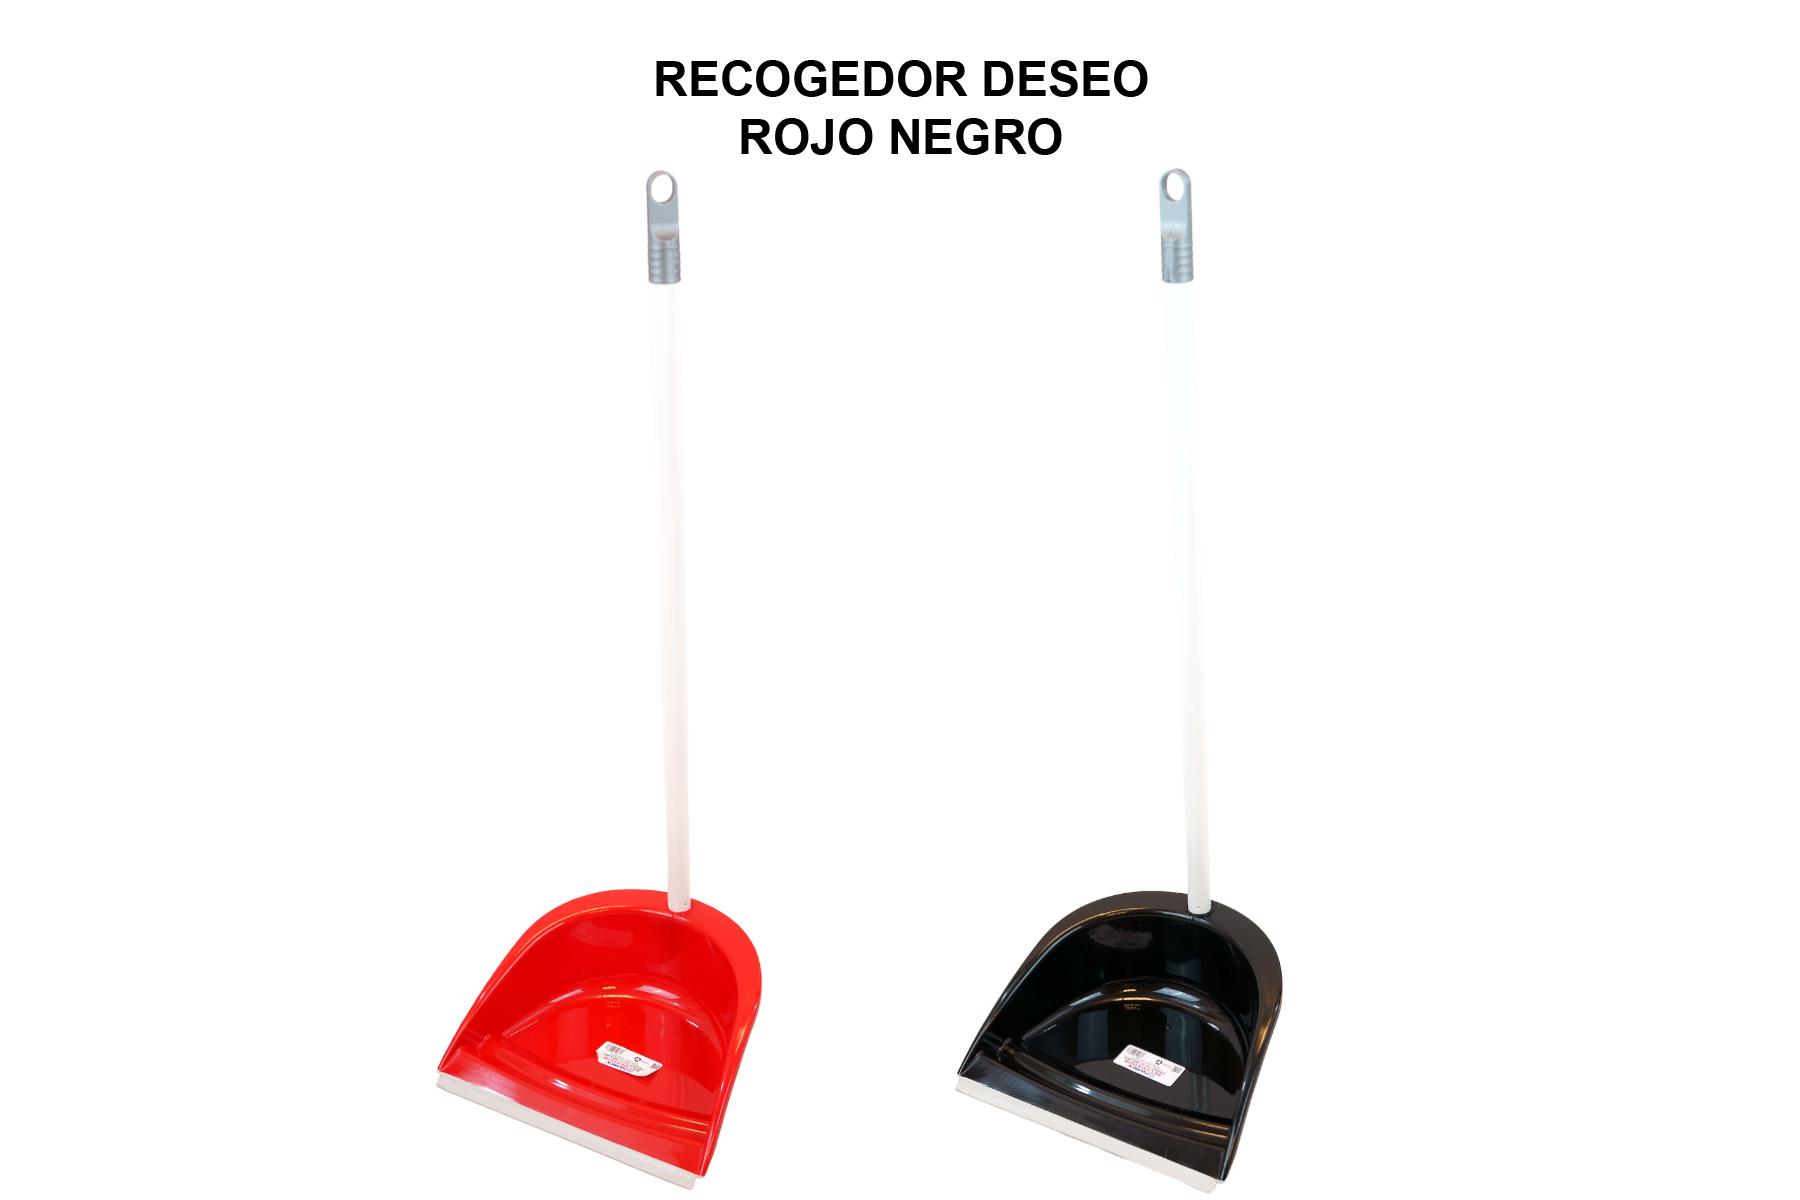 RECOGEDOR DESEO ROJO NEGRO